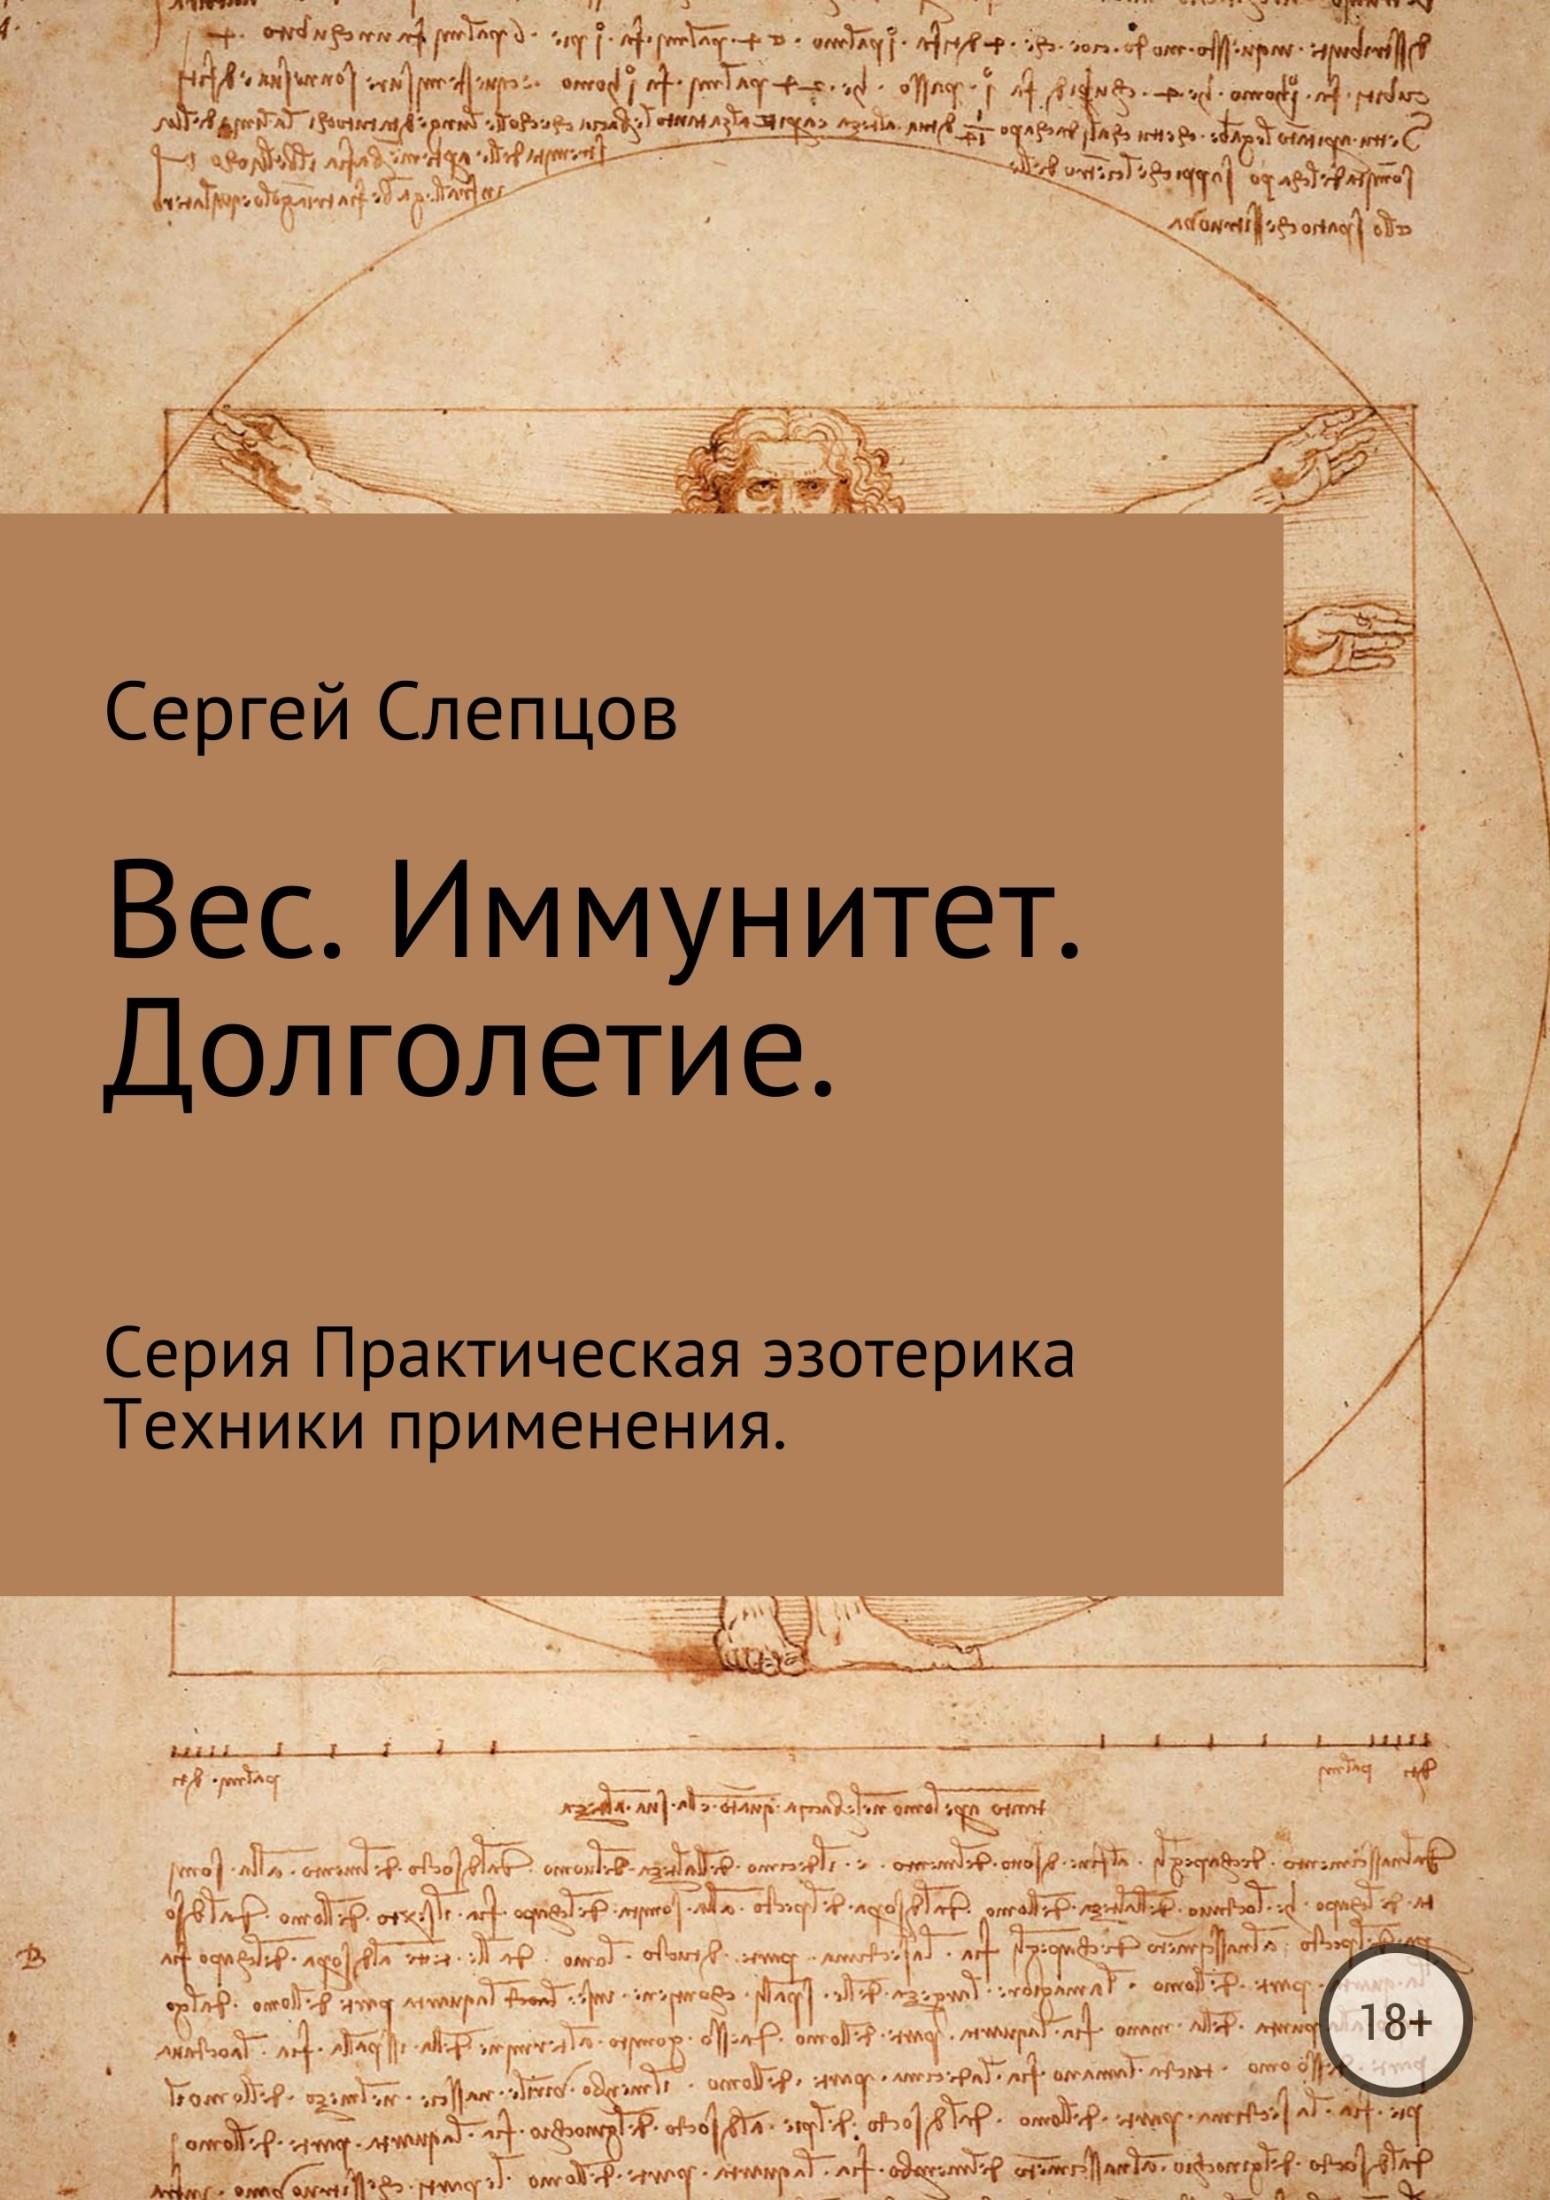 Сергей Иванович Слепцов бесплатно